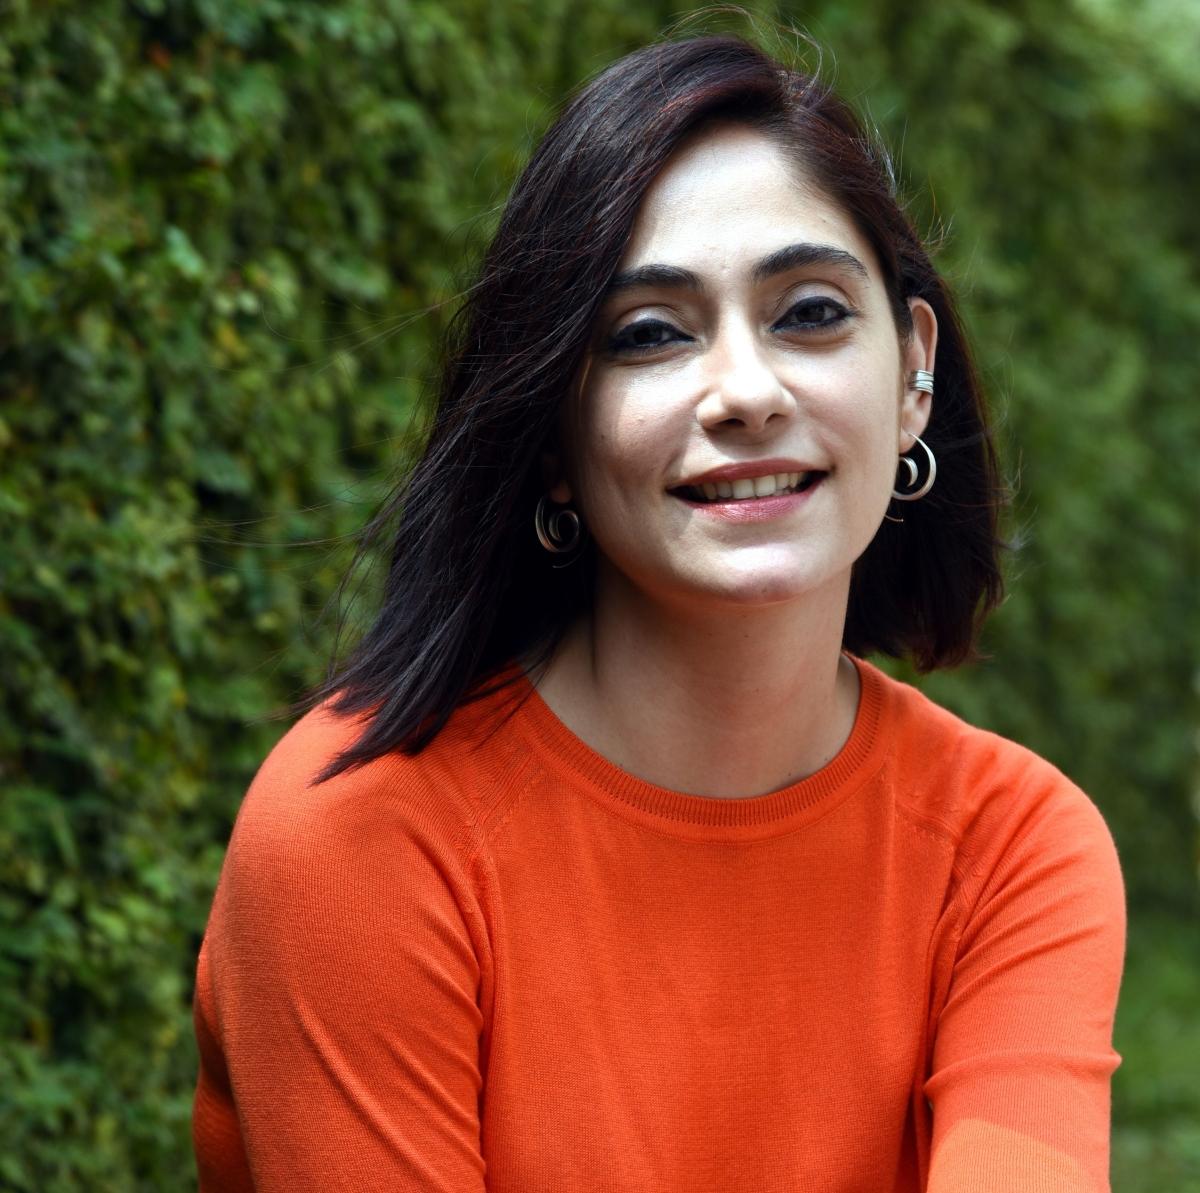 Tinaz Nooshian